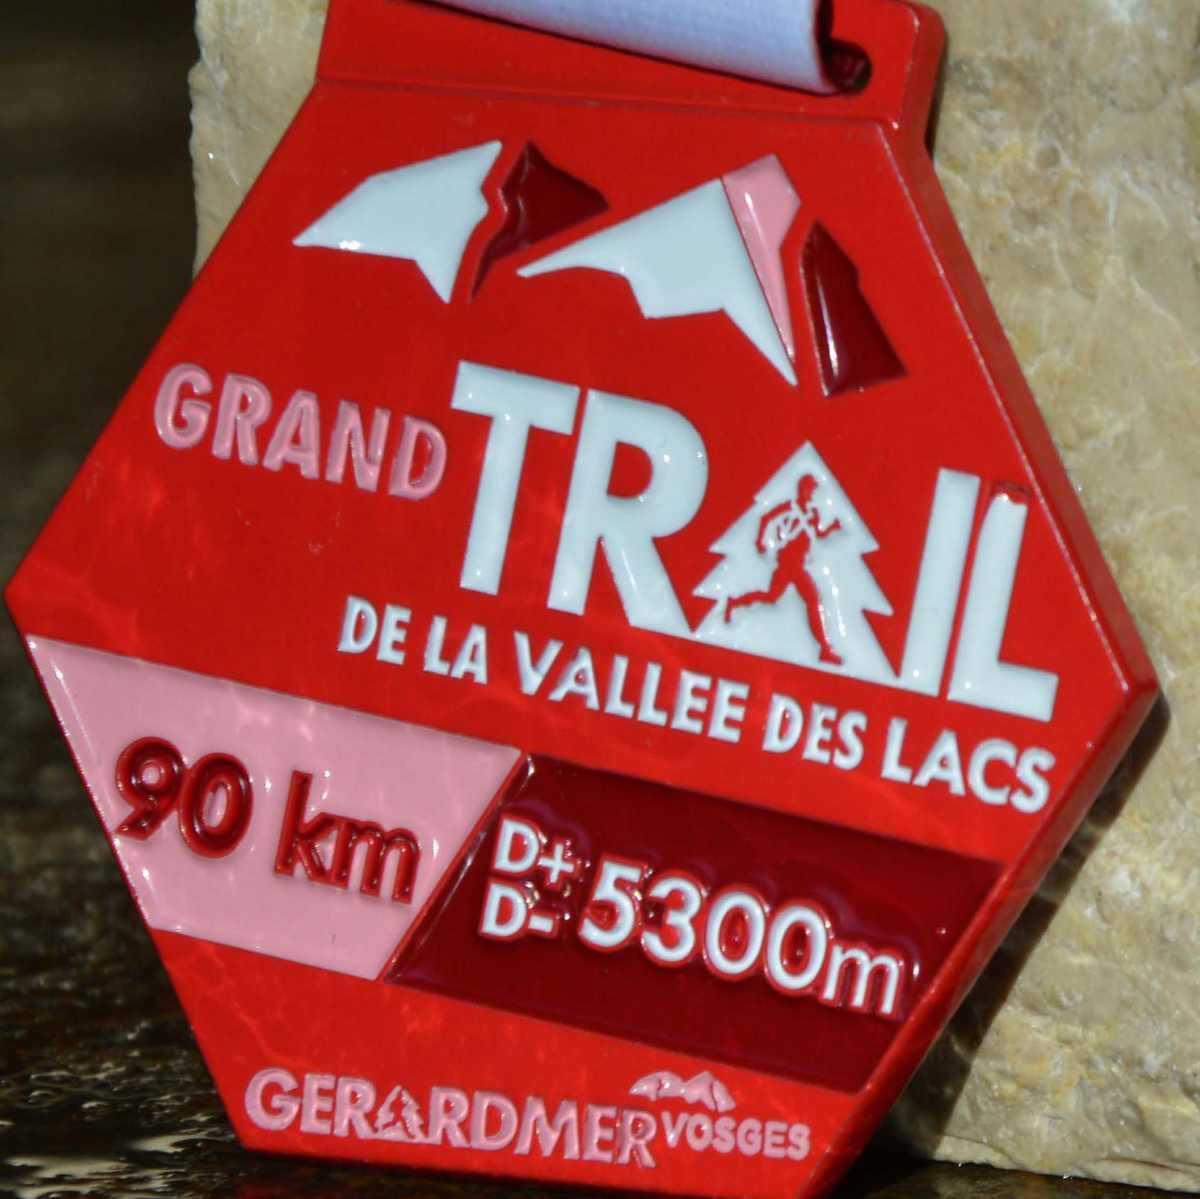 Médaille héxagonale créée pour le grand Trail de la vallée des Lacs - Gerardmer - Vosges - 5300m d+-